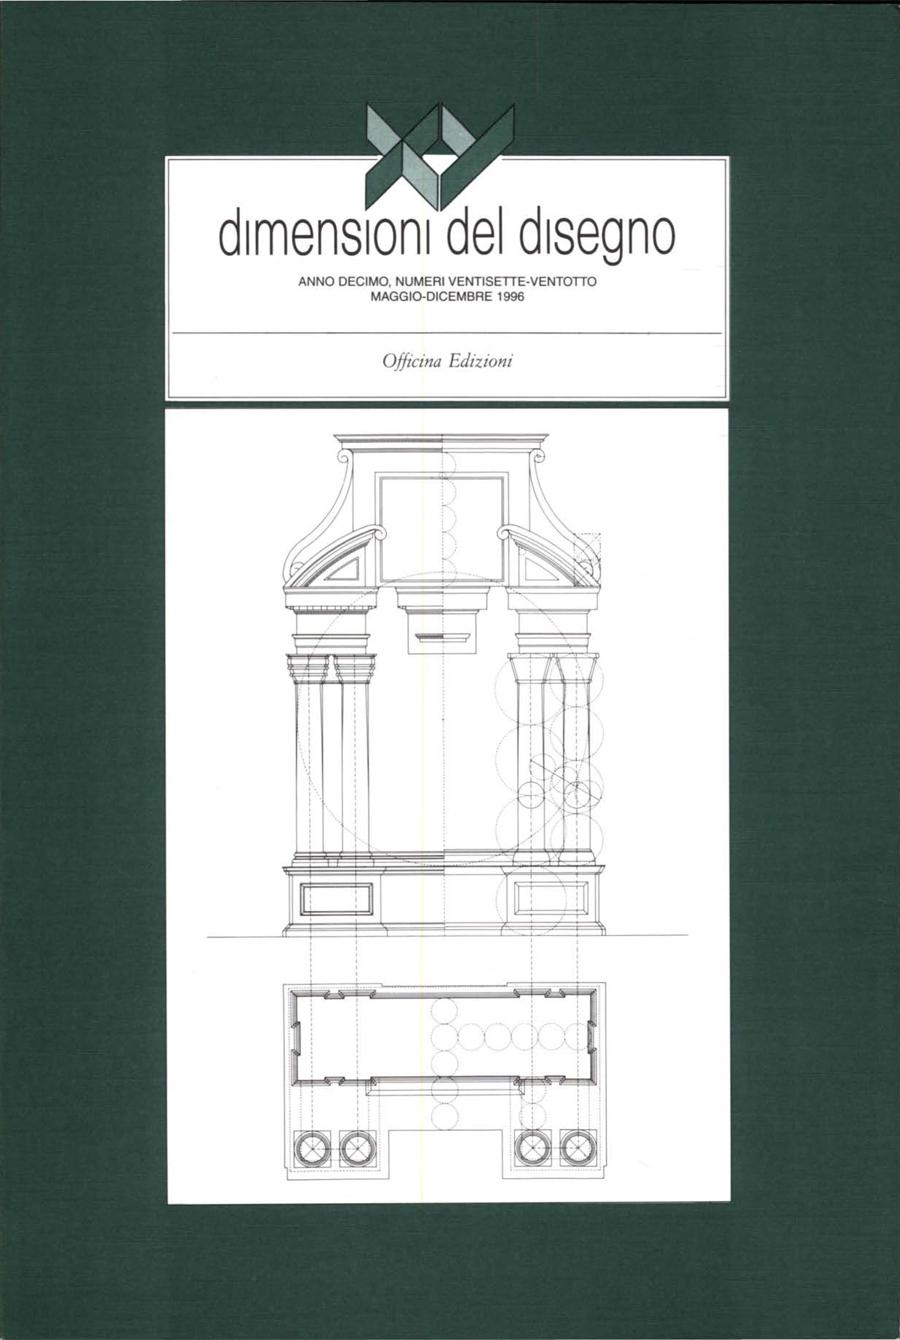 Numero 27 28 xy digitale for Disegno del piano di architettura